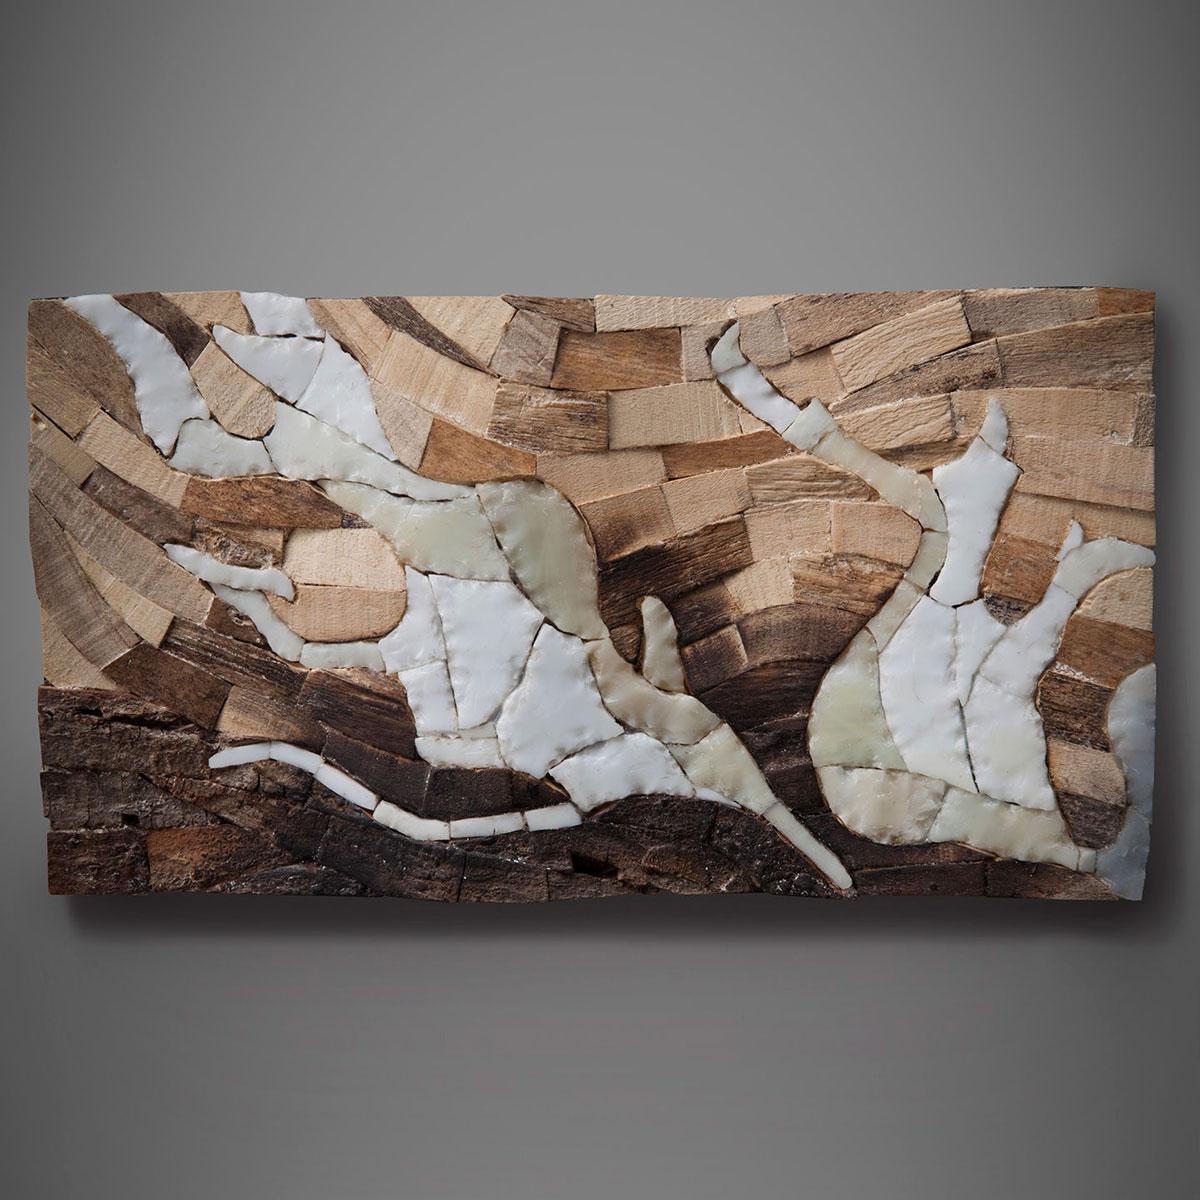 Mosaic Study 4